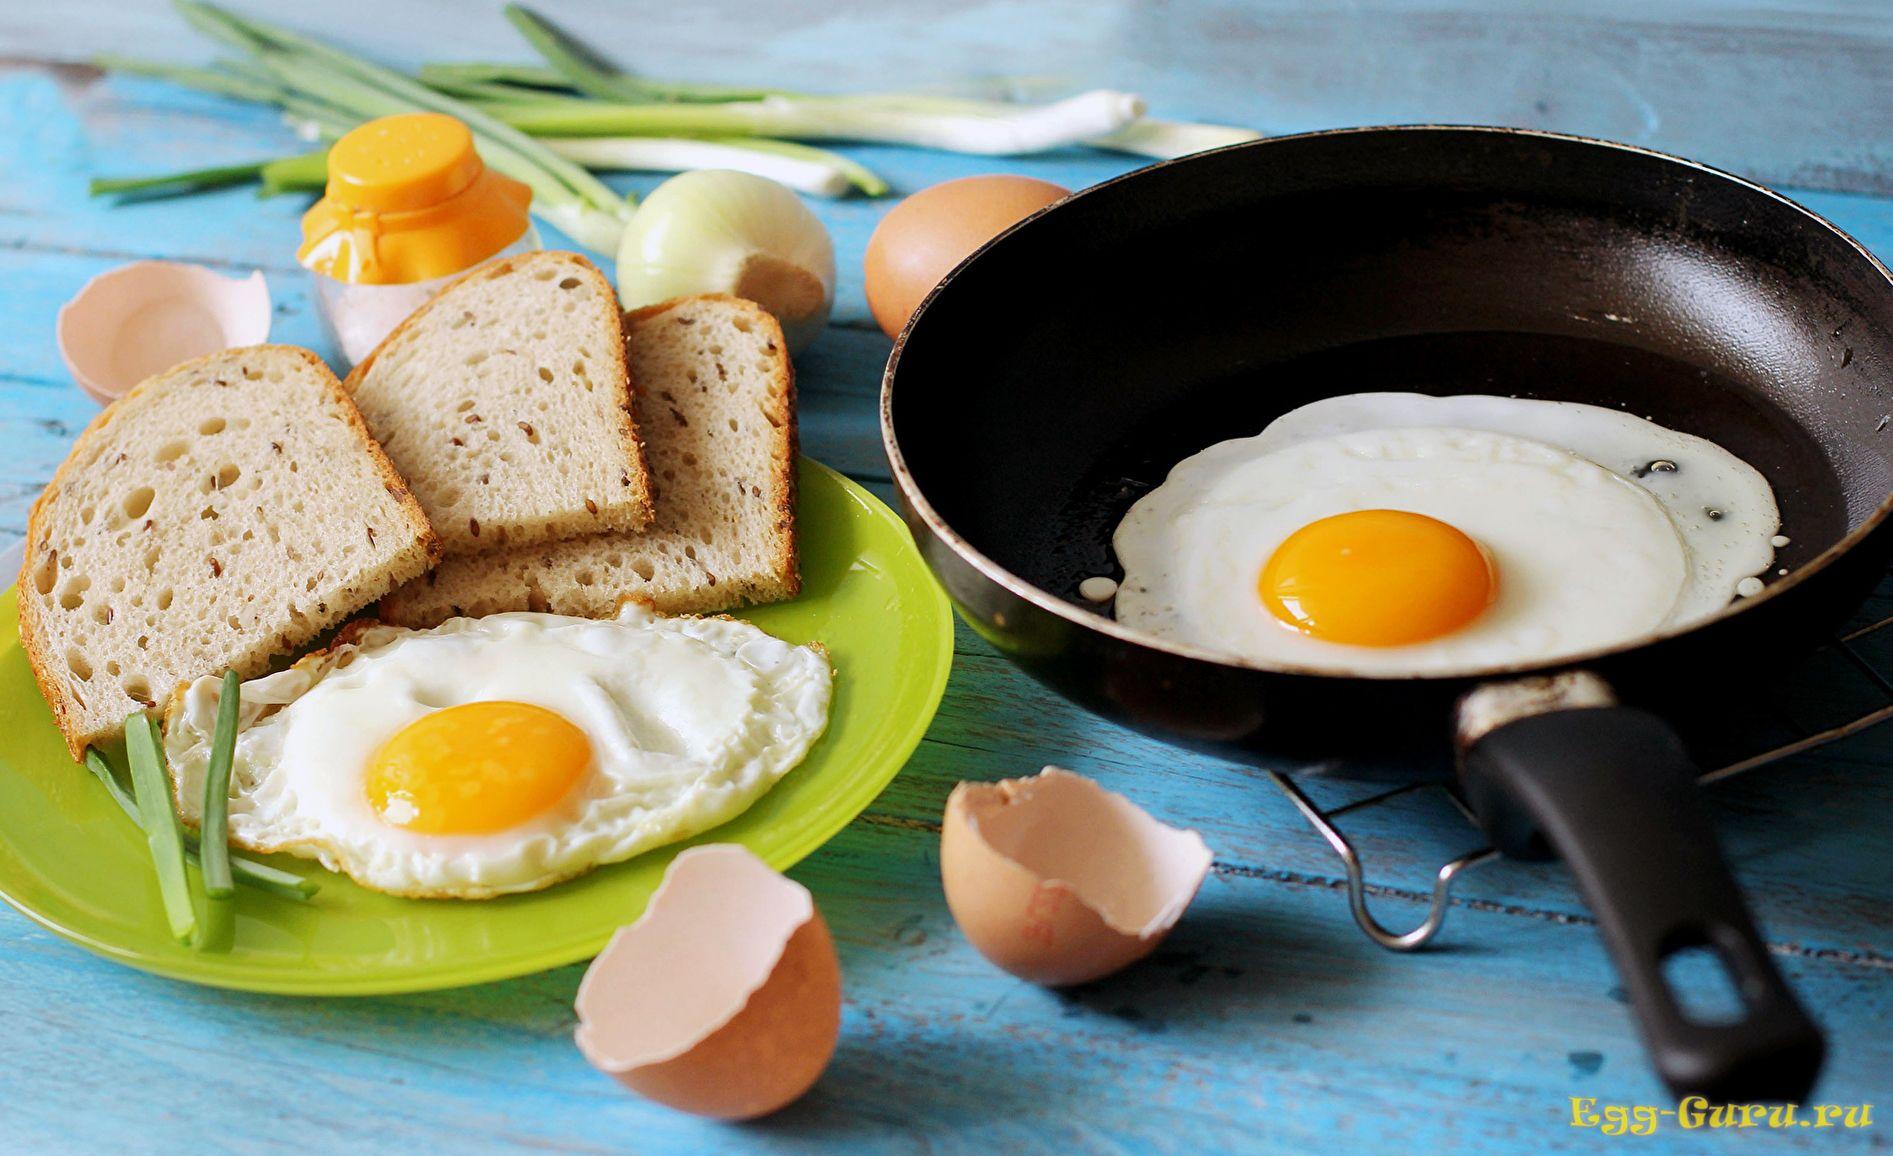 Аппетитная яичница — хорошее начало дня